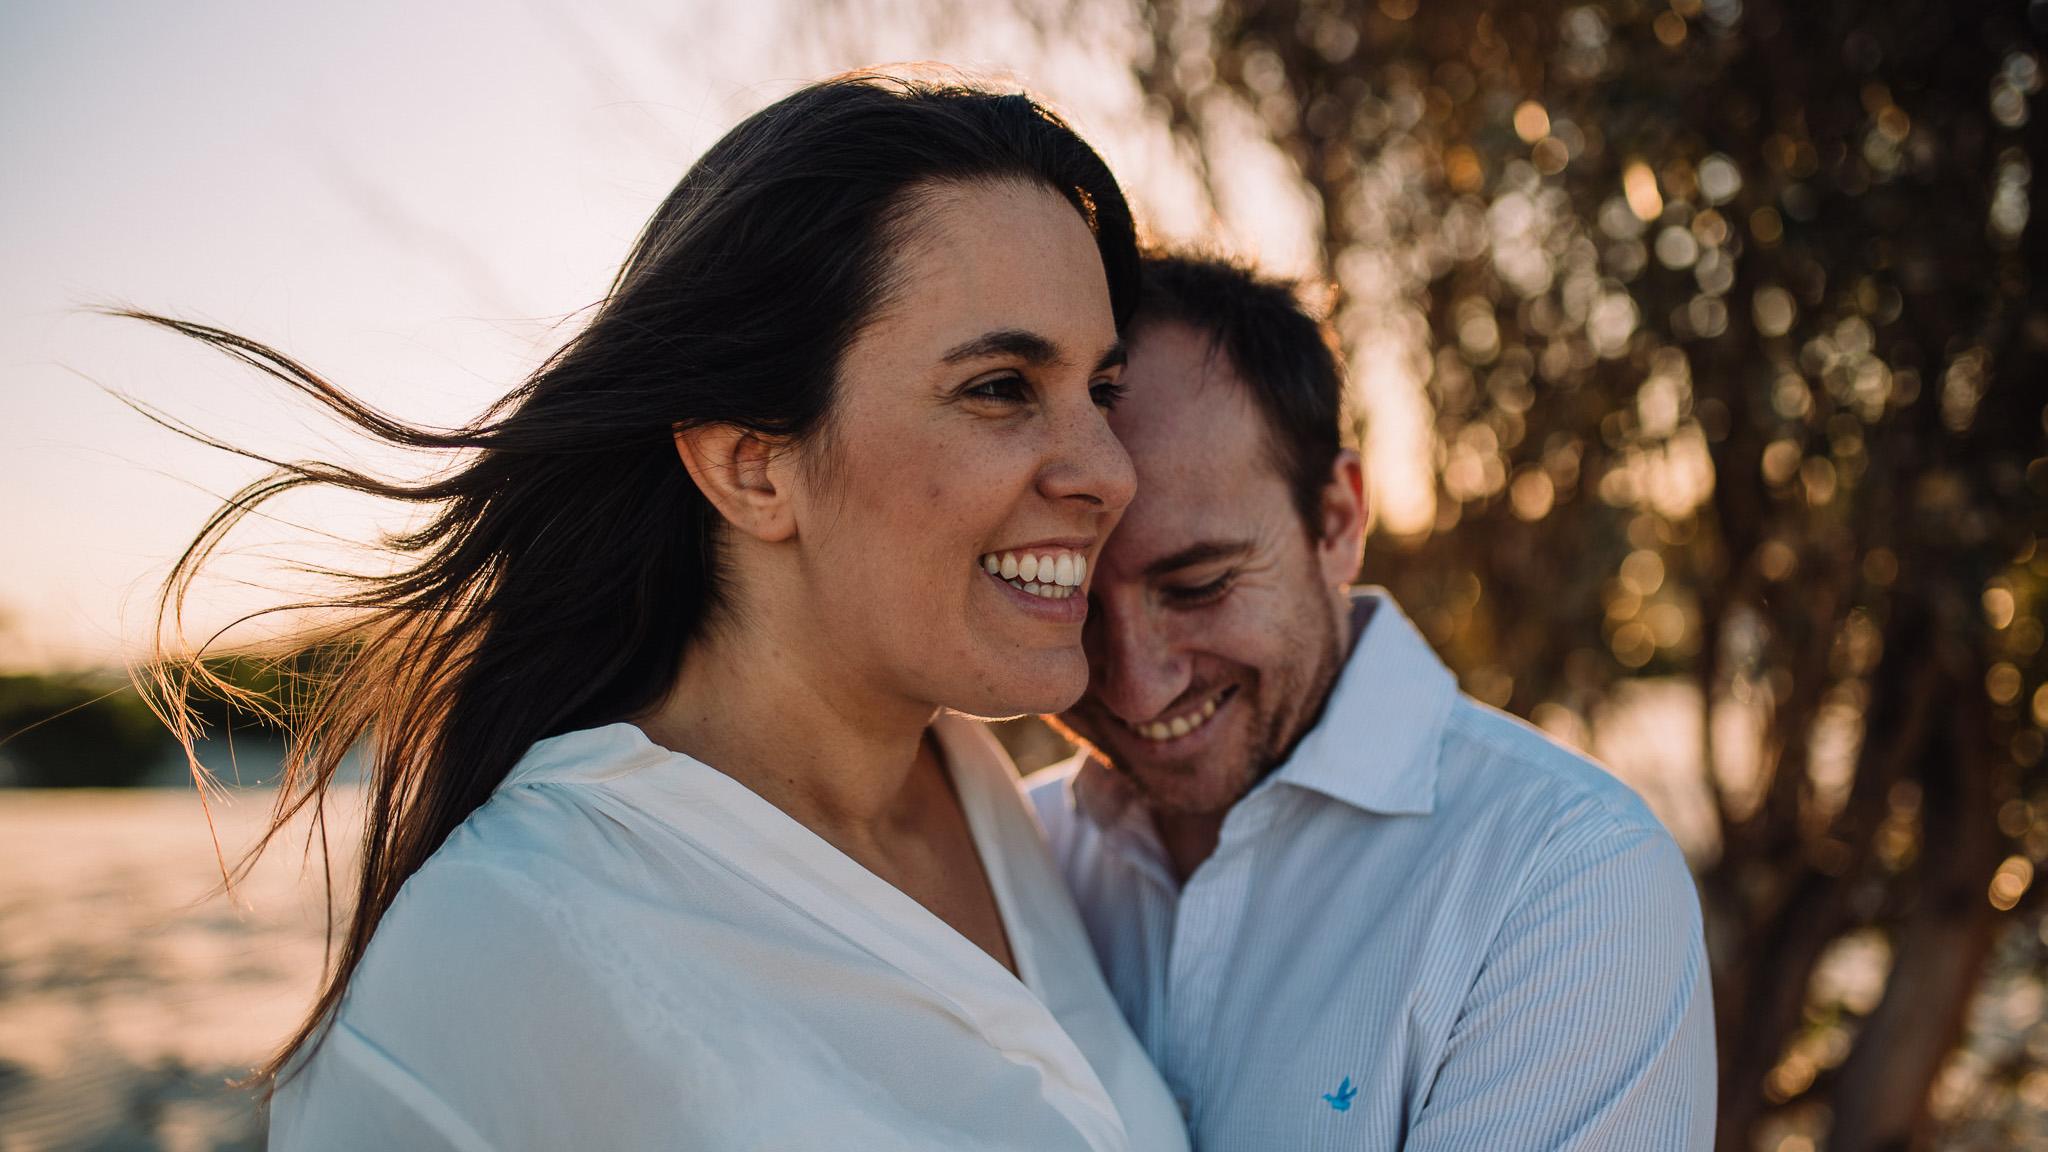 pre-boda-esession-montevideo-uruguay-1